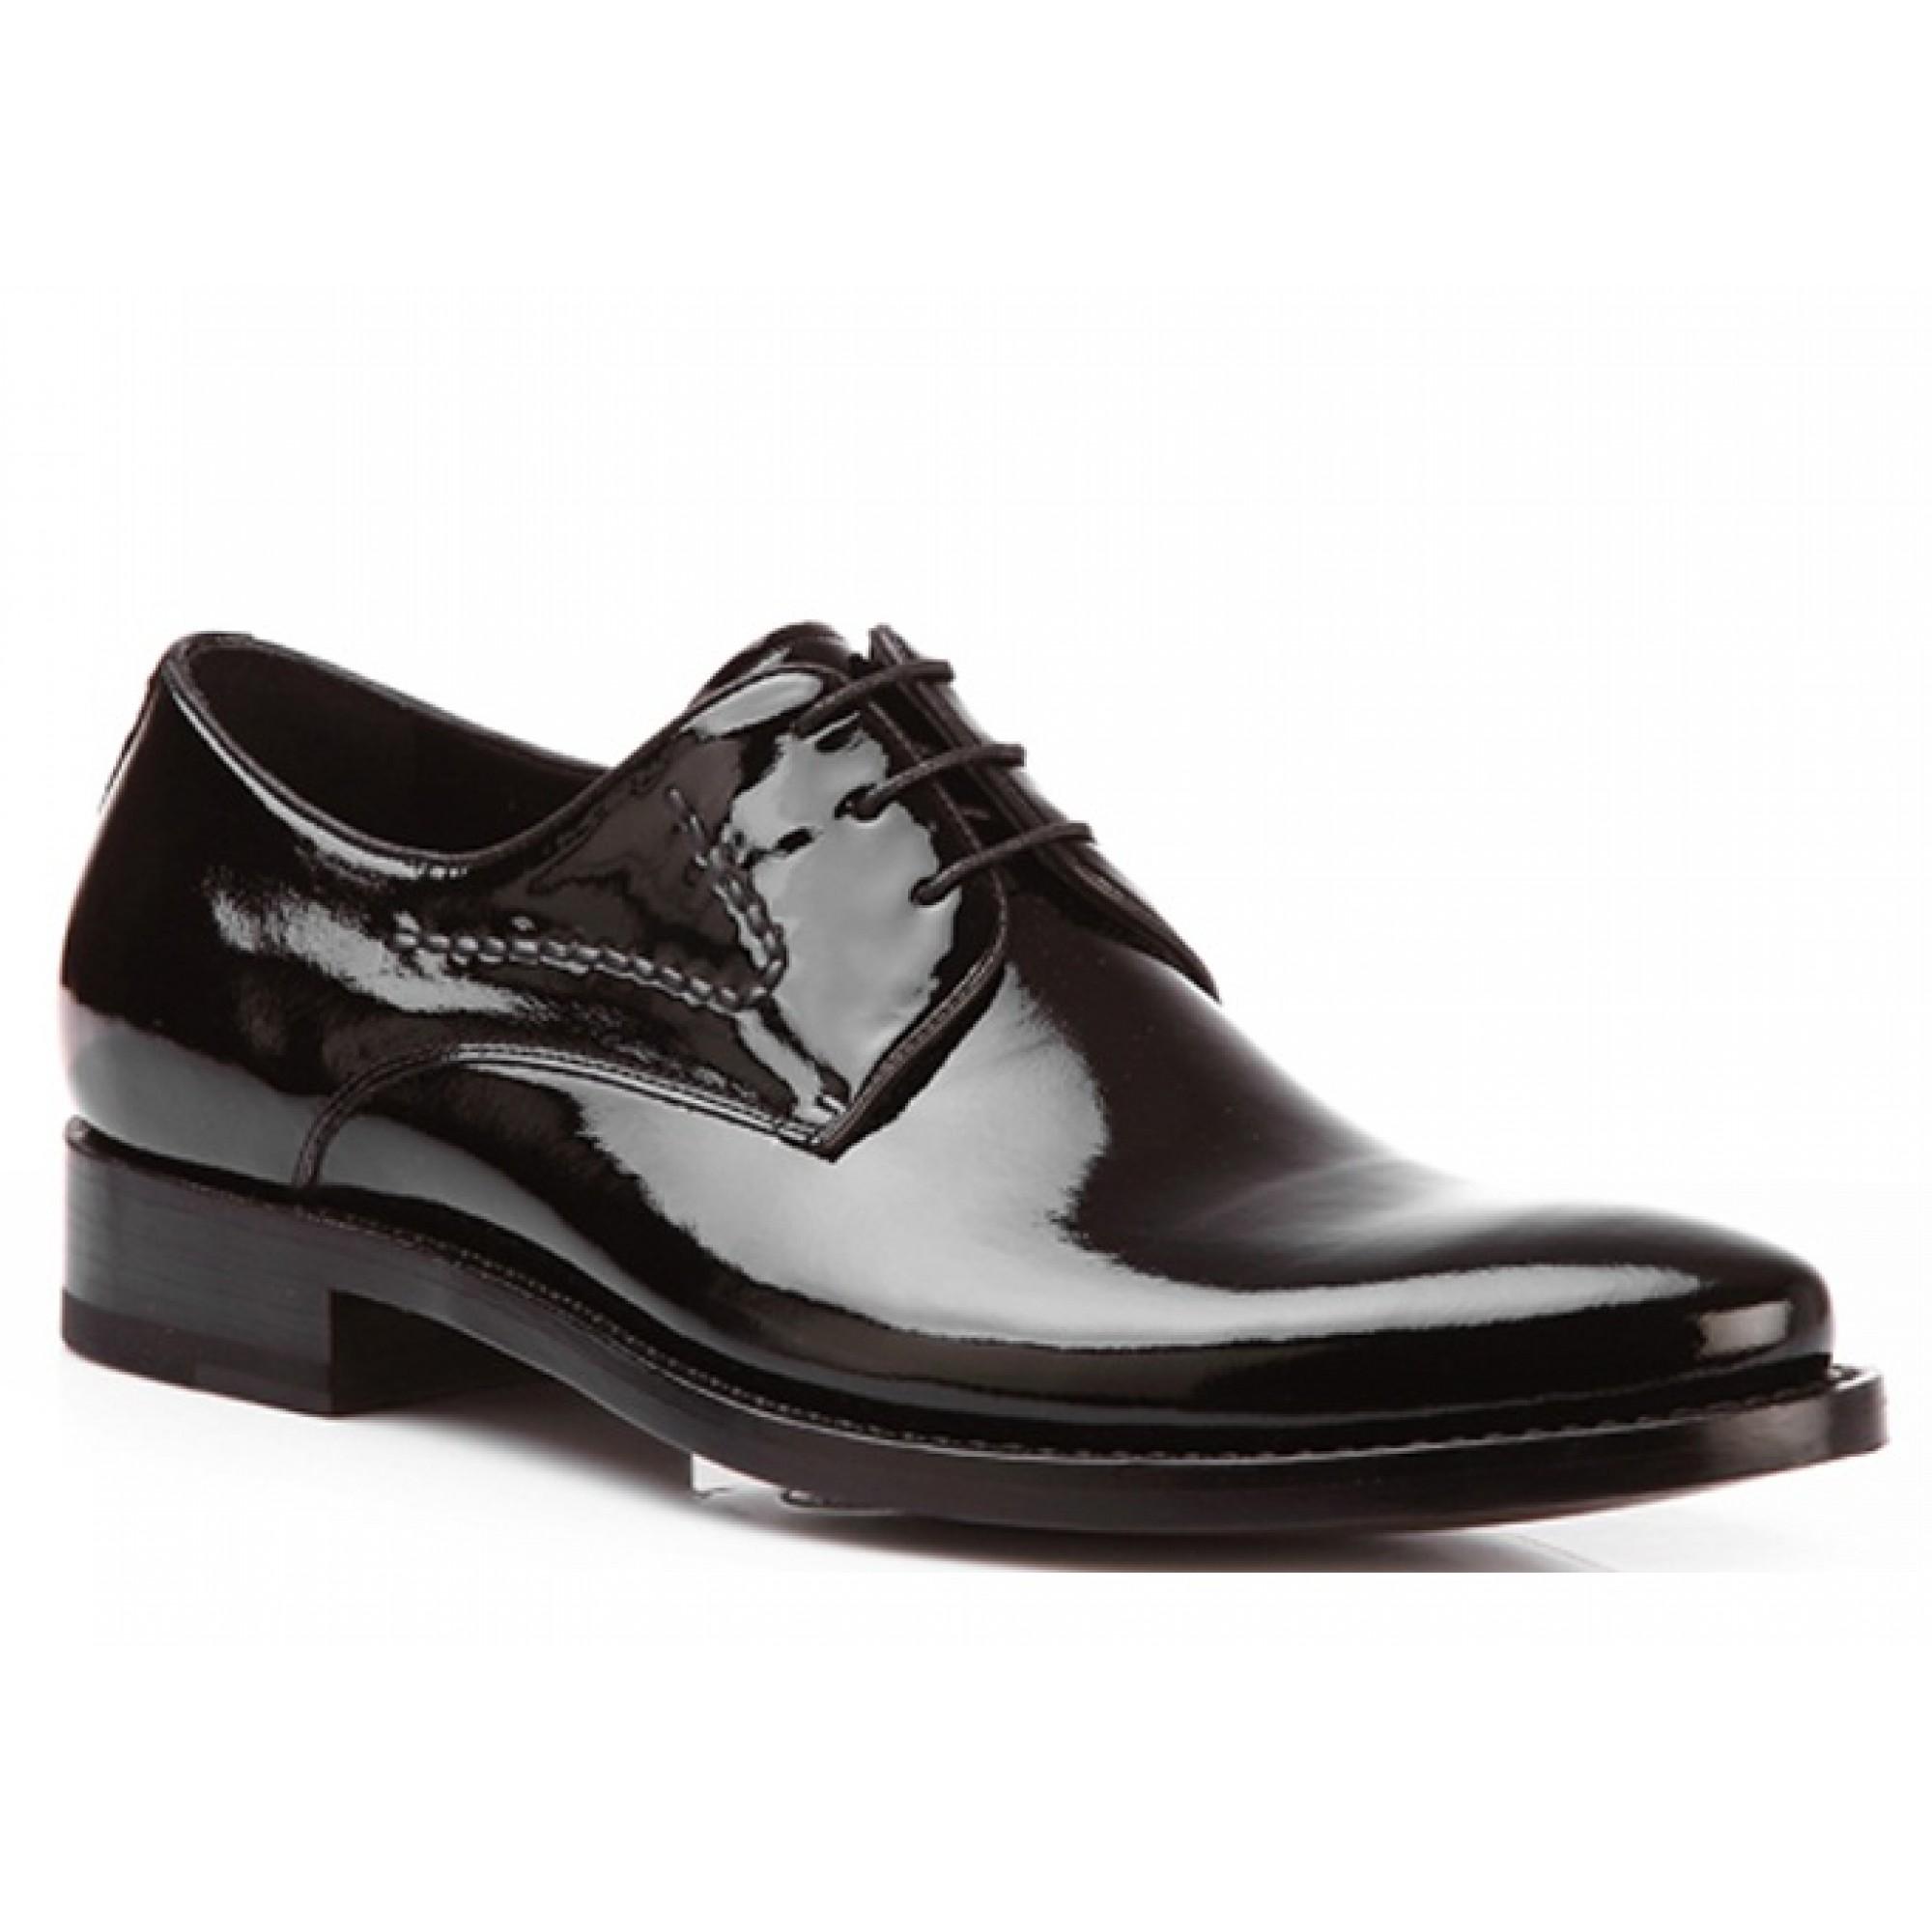 95f60cd67 Купить мужские лаковые туфли — в Киеве, код товара 8475